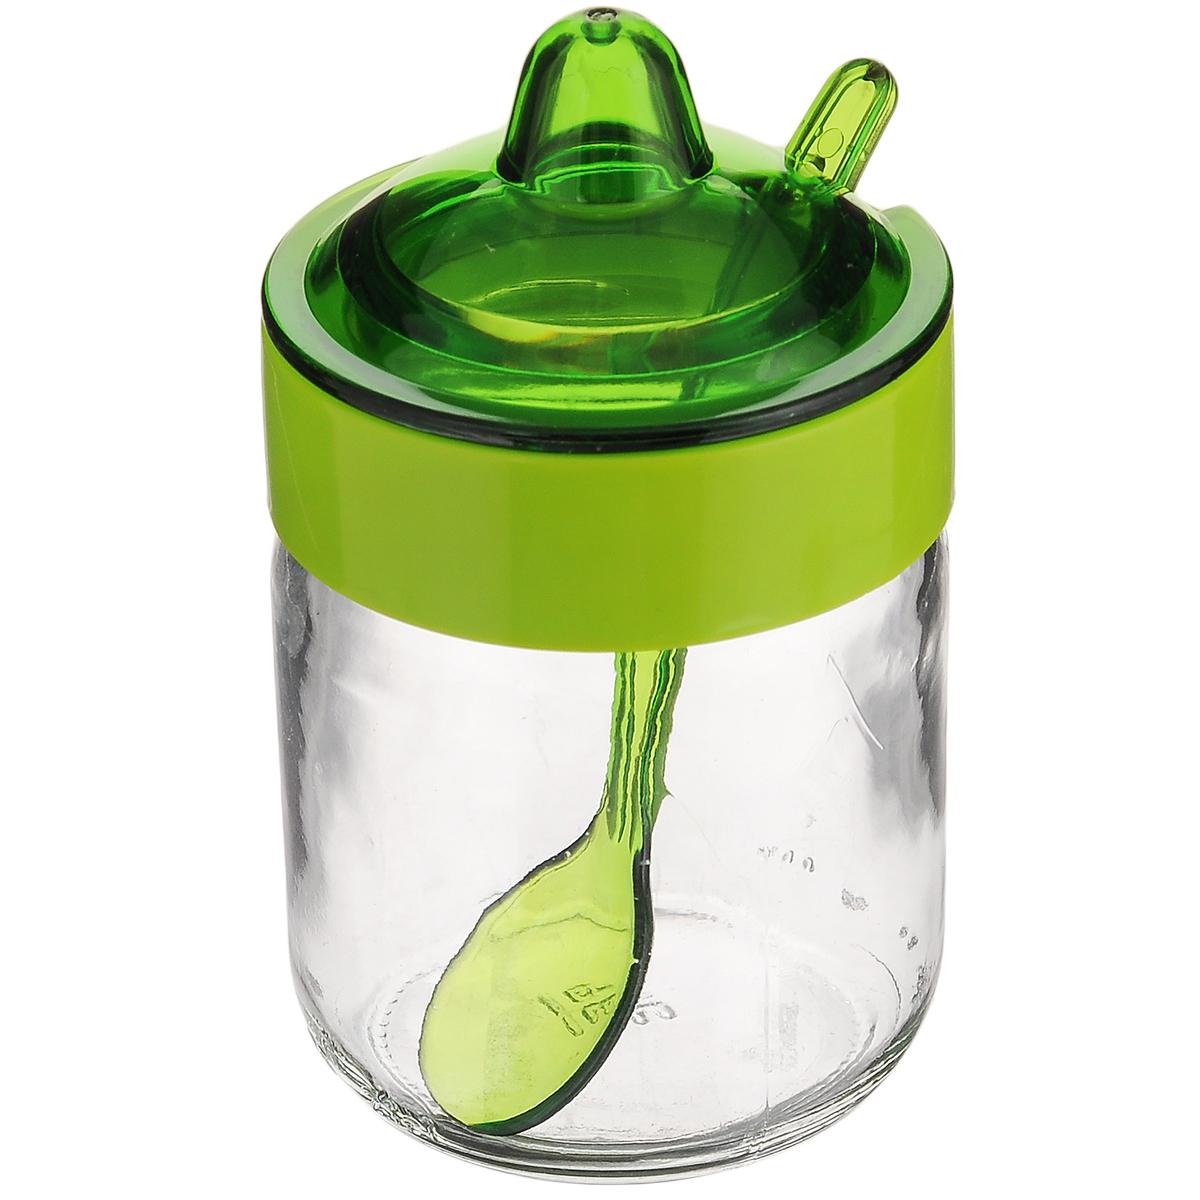 Емкость для соуса Herevin, с ложкой, цвет: зеленый, 200 мл131505-000_зеленыйЕмкость для соуса Herevin изготовлена из прочного стекла. Банка оснащена пластиковой крышкой и ложкой. Изделие предназначено для хранения различных соусов. Функциональная и вместительная, такая банка станет незаменимым аксессуаром на любой кухне. Можно мыть в посудомоечной машине. Пластиковые части рекомендуется мыть вручную. Диаметр (по верхнему краю): 5,5 см. Высота банки (без учета крышки): 8,5 см. Длина ложки: 11 см.